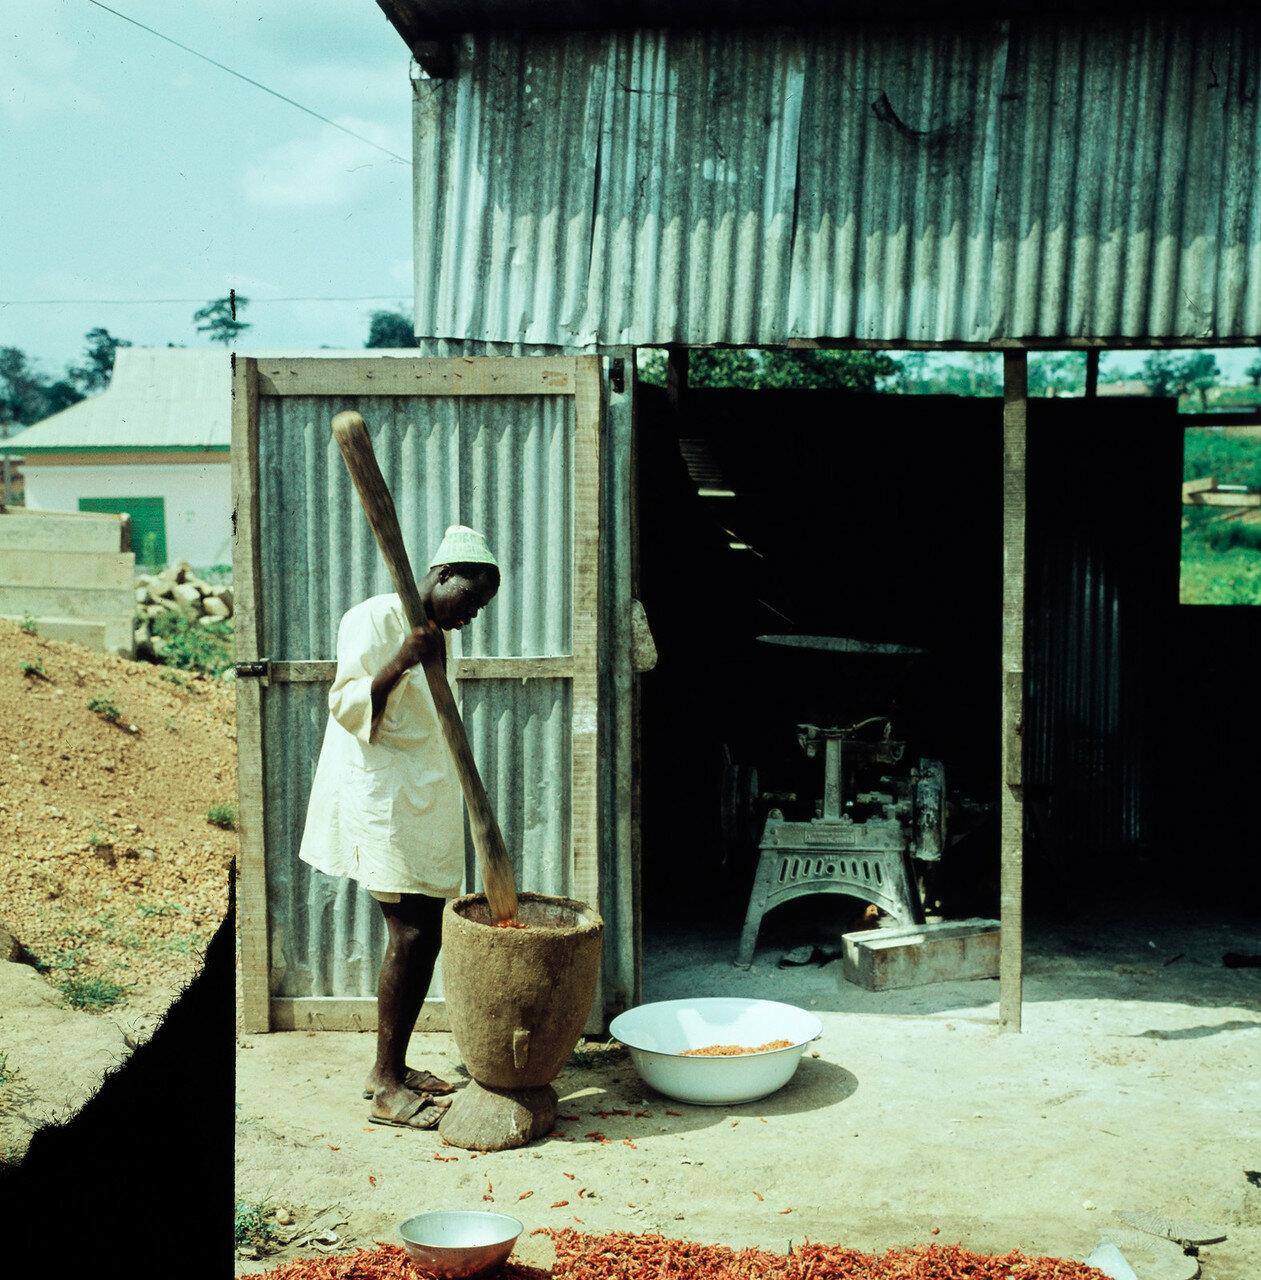 Ода. Человек с пестиком и деревянной ступкой